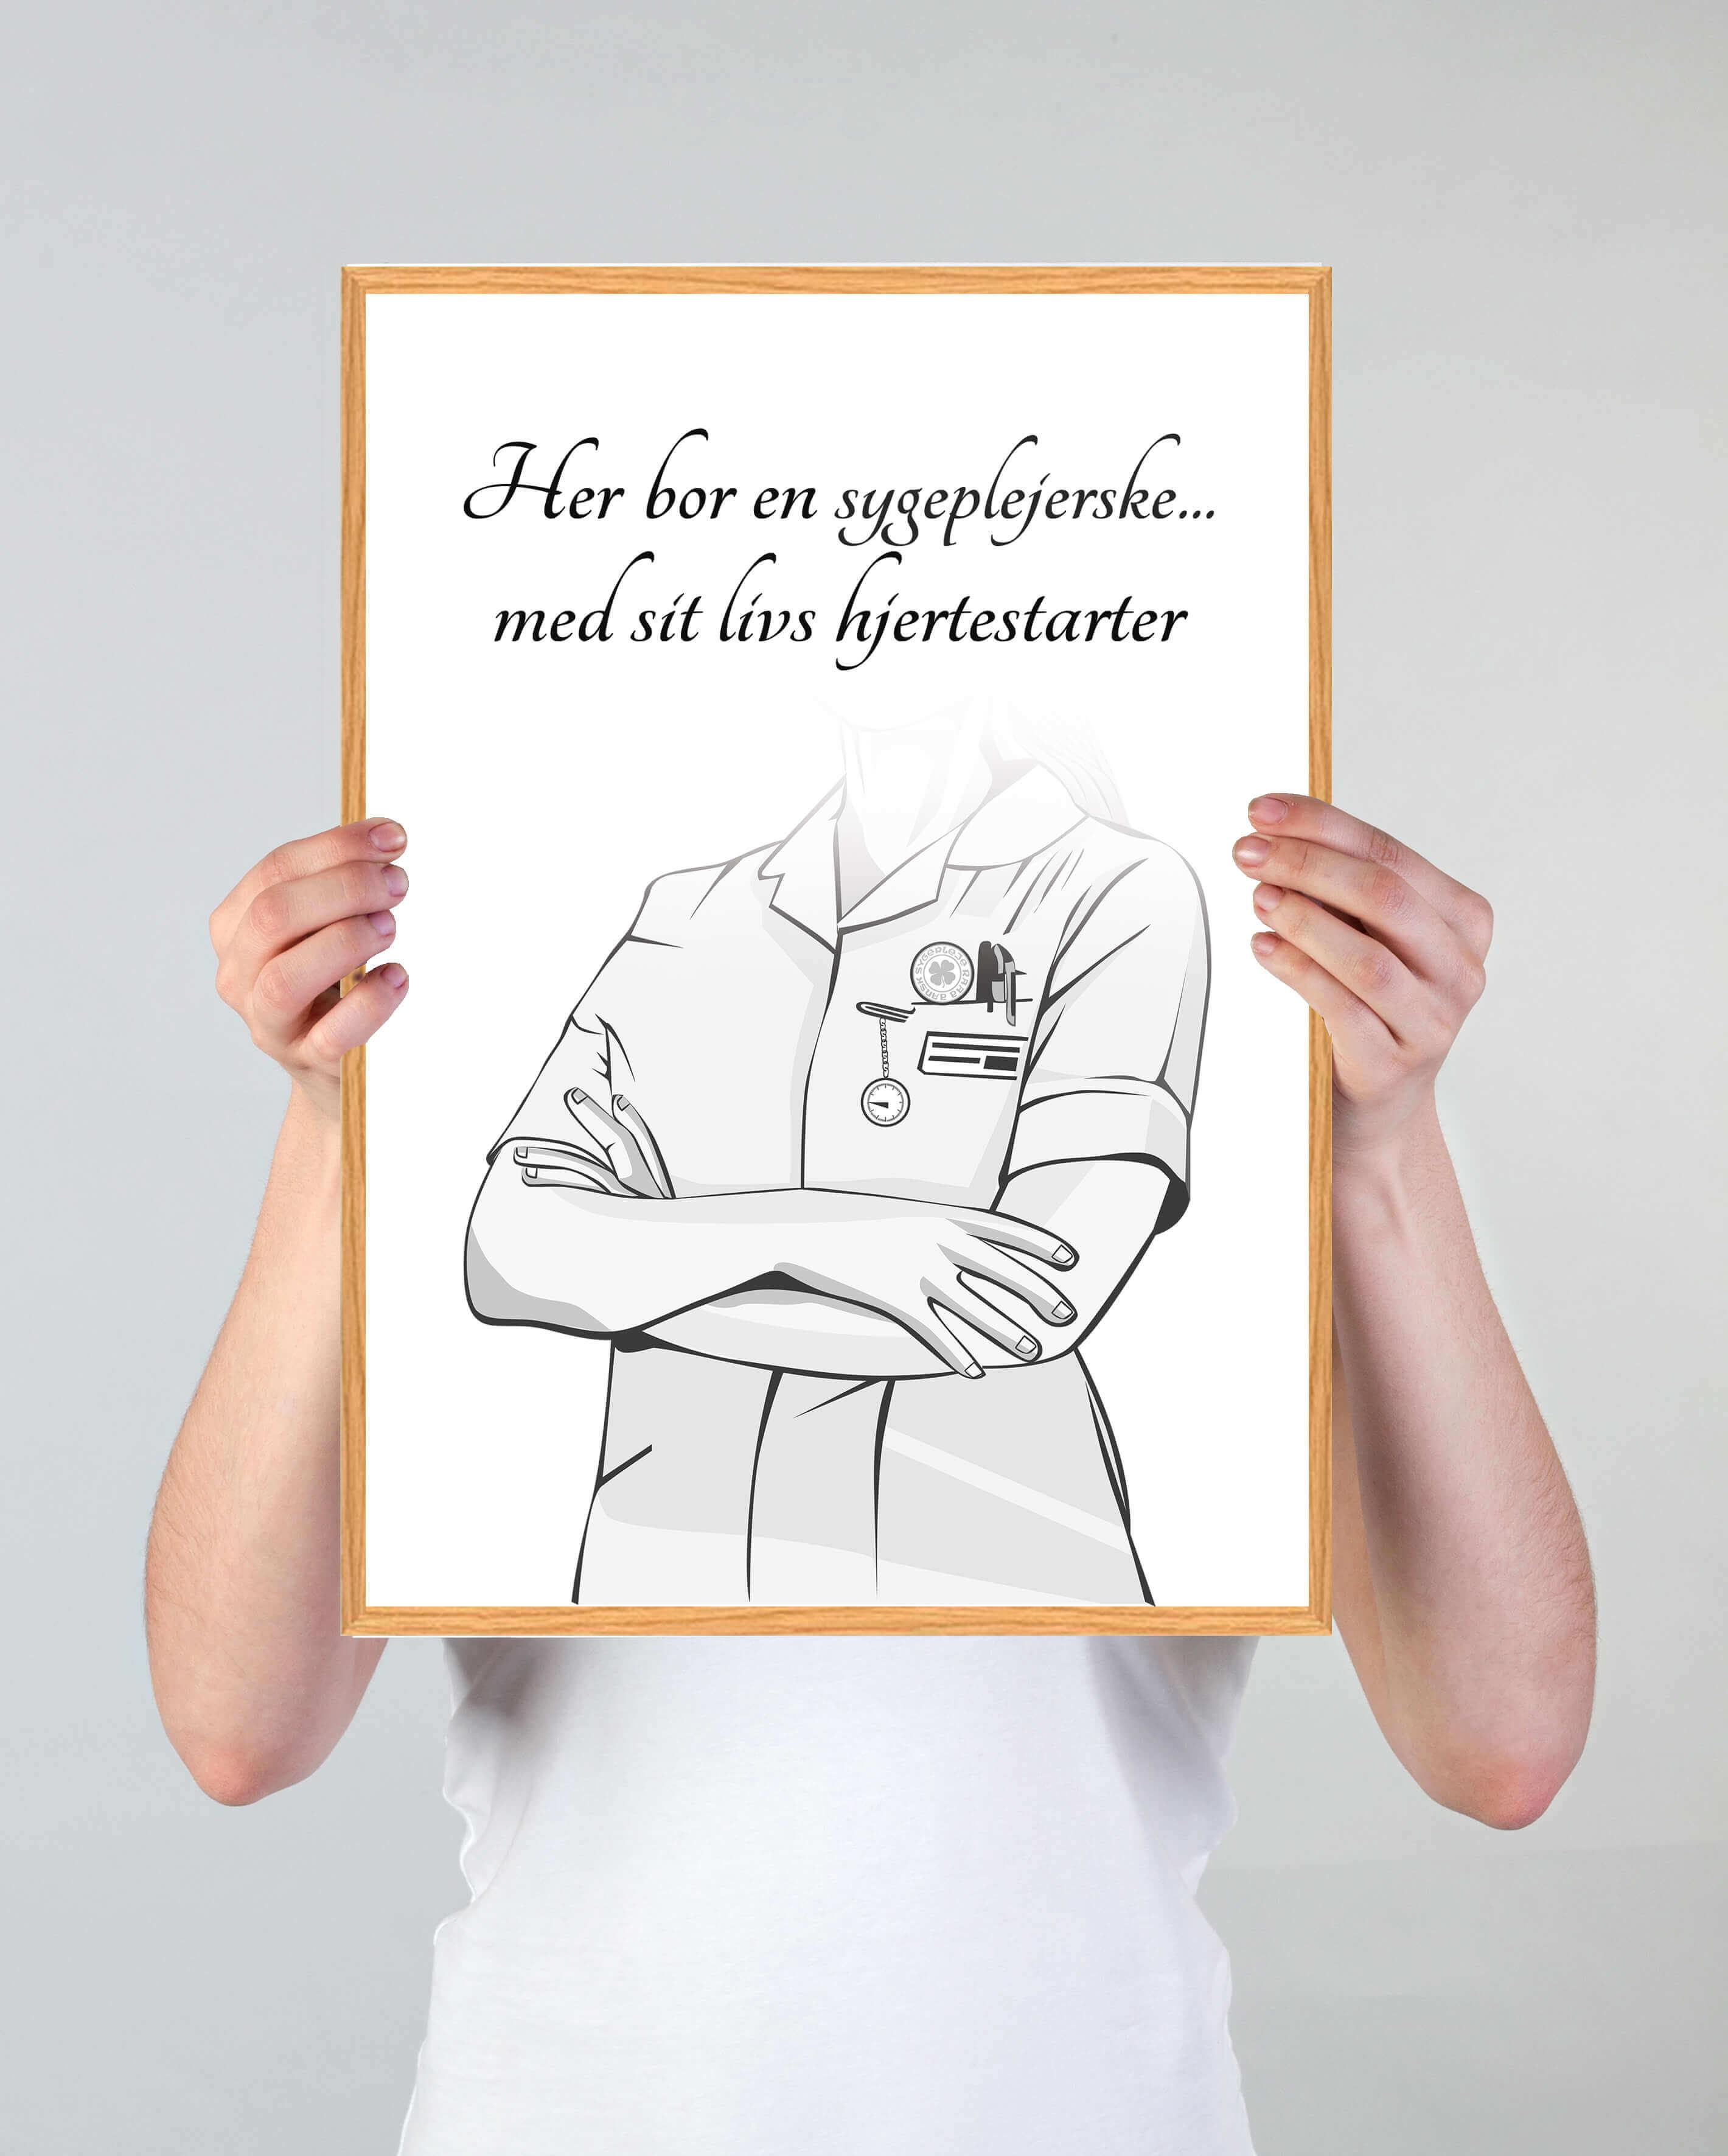 sygeplejerske-job-plakat-3